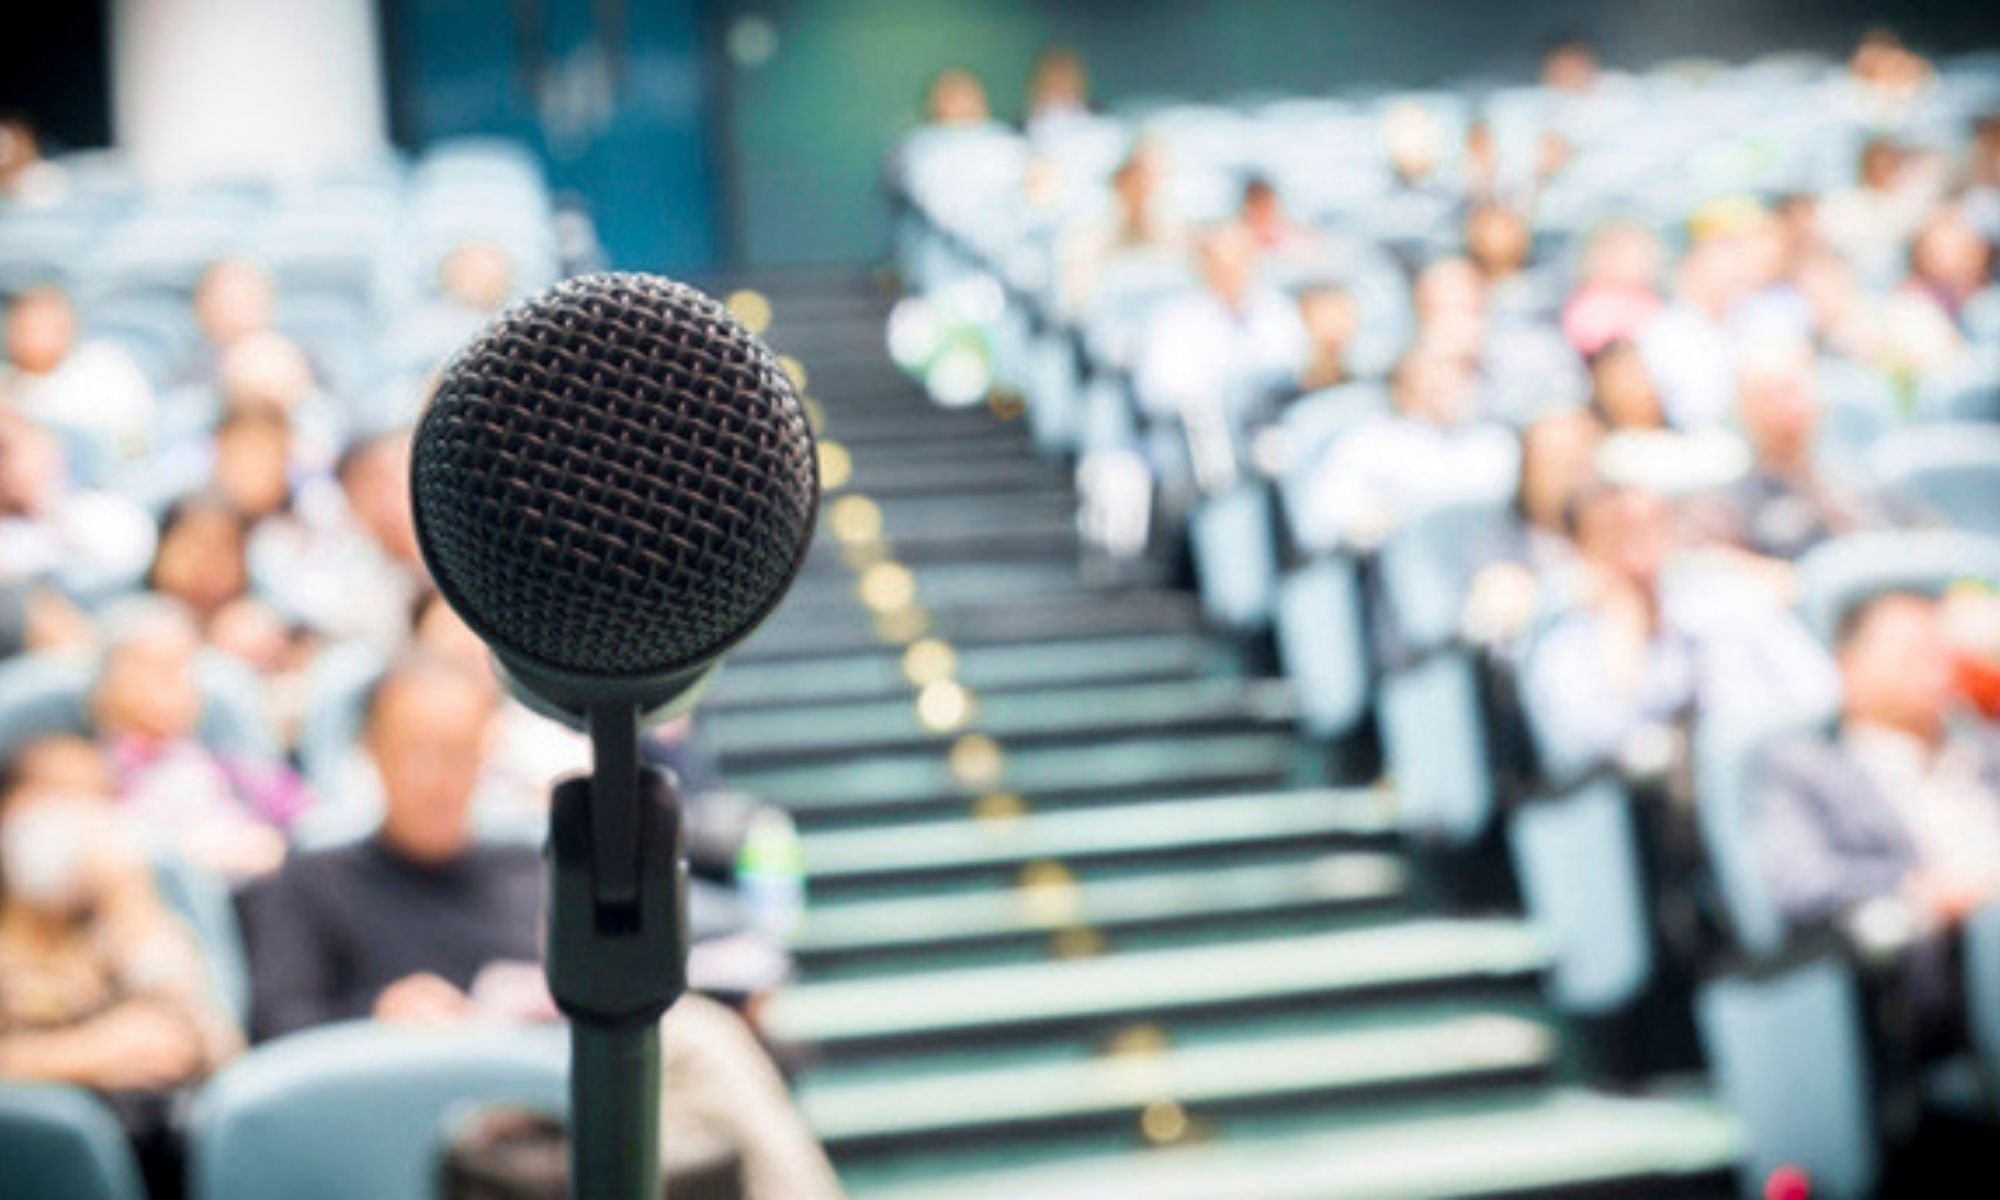 Публичное выступление – это просто, если придерживаться правил